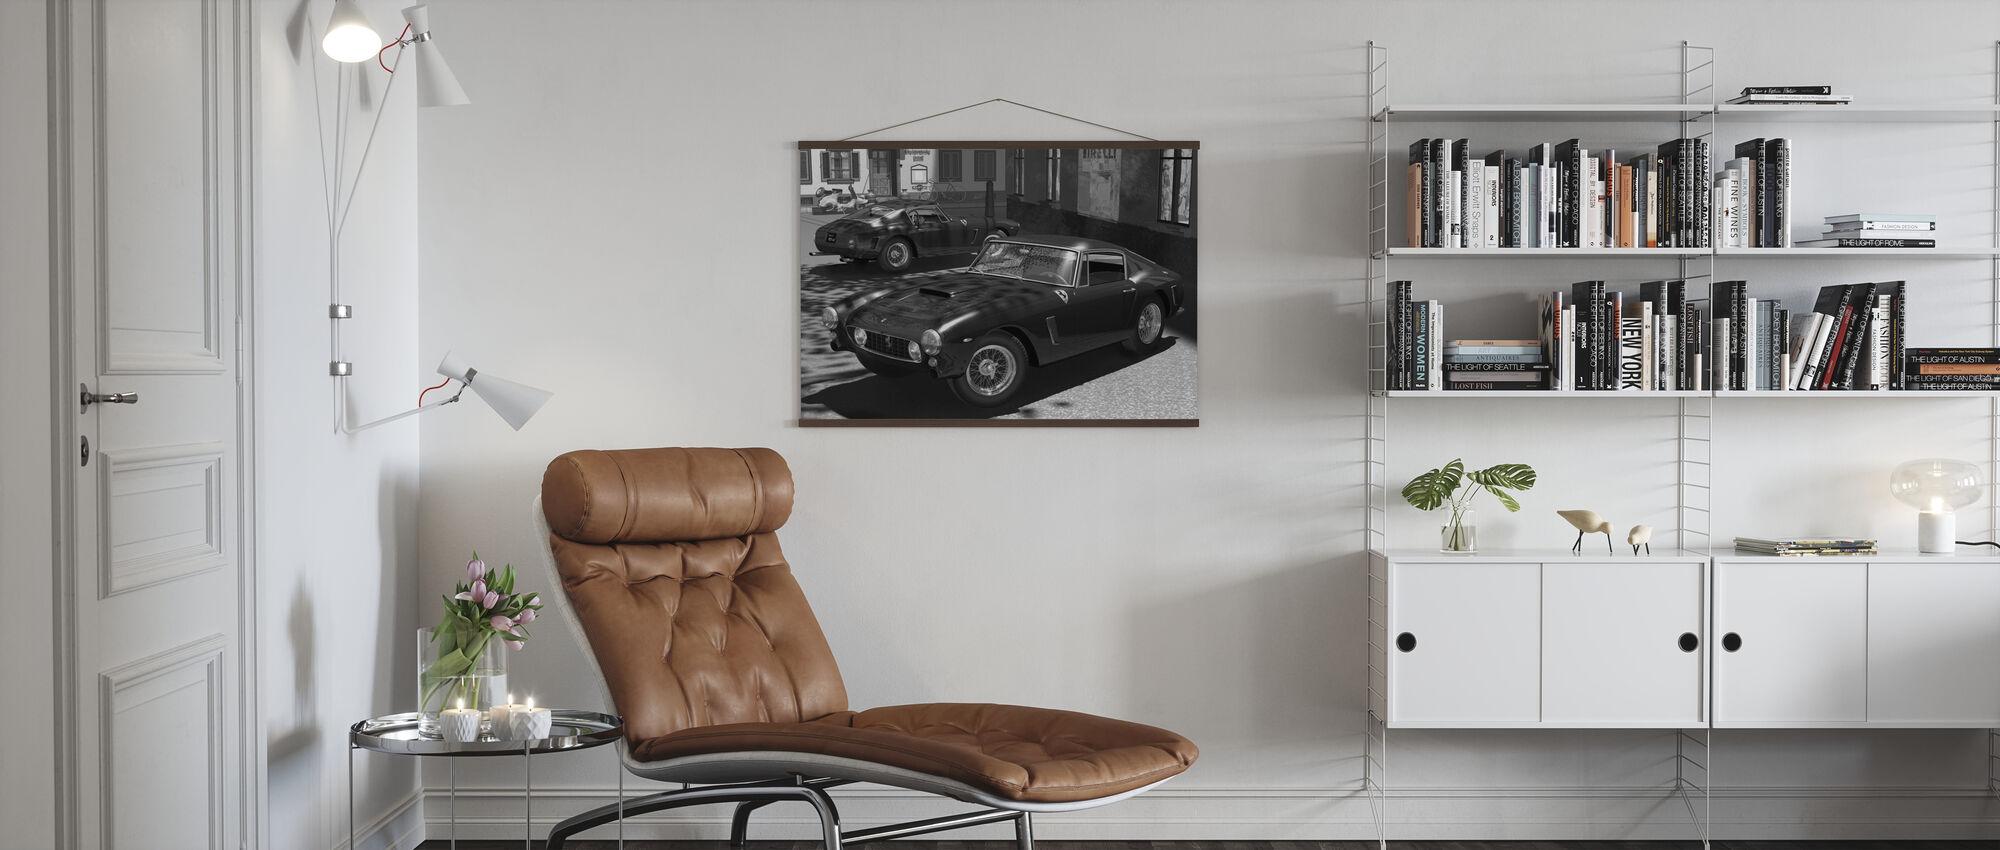 Classic Sportwagen BW - Poster - Wohnzimmer